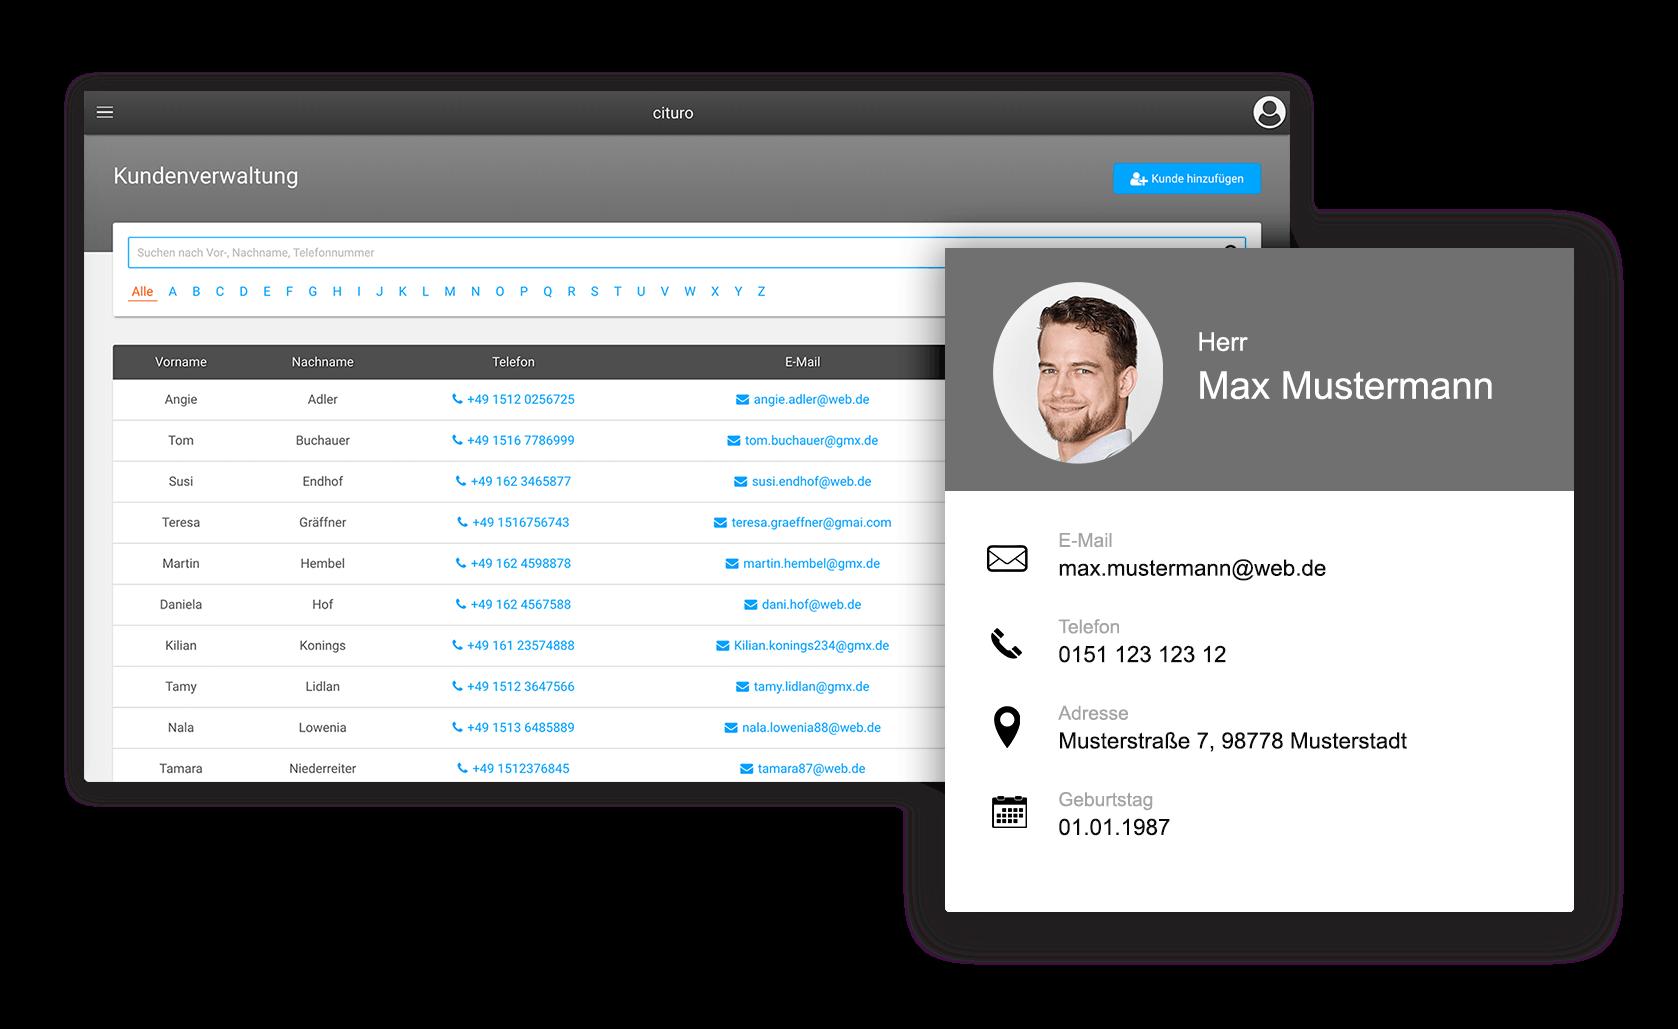 Einfache Kundenverwaltung mit unserer Fitness- und Sport-Software